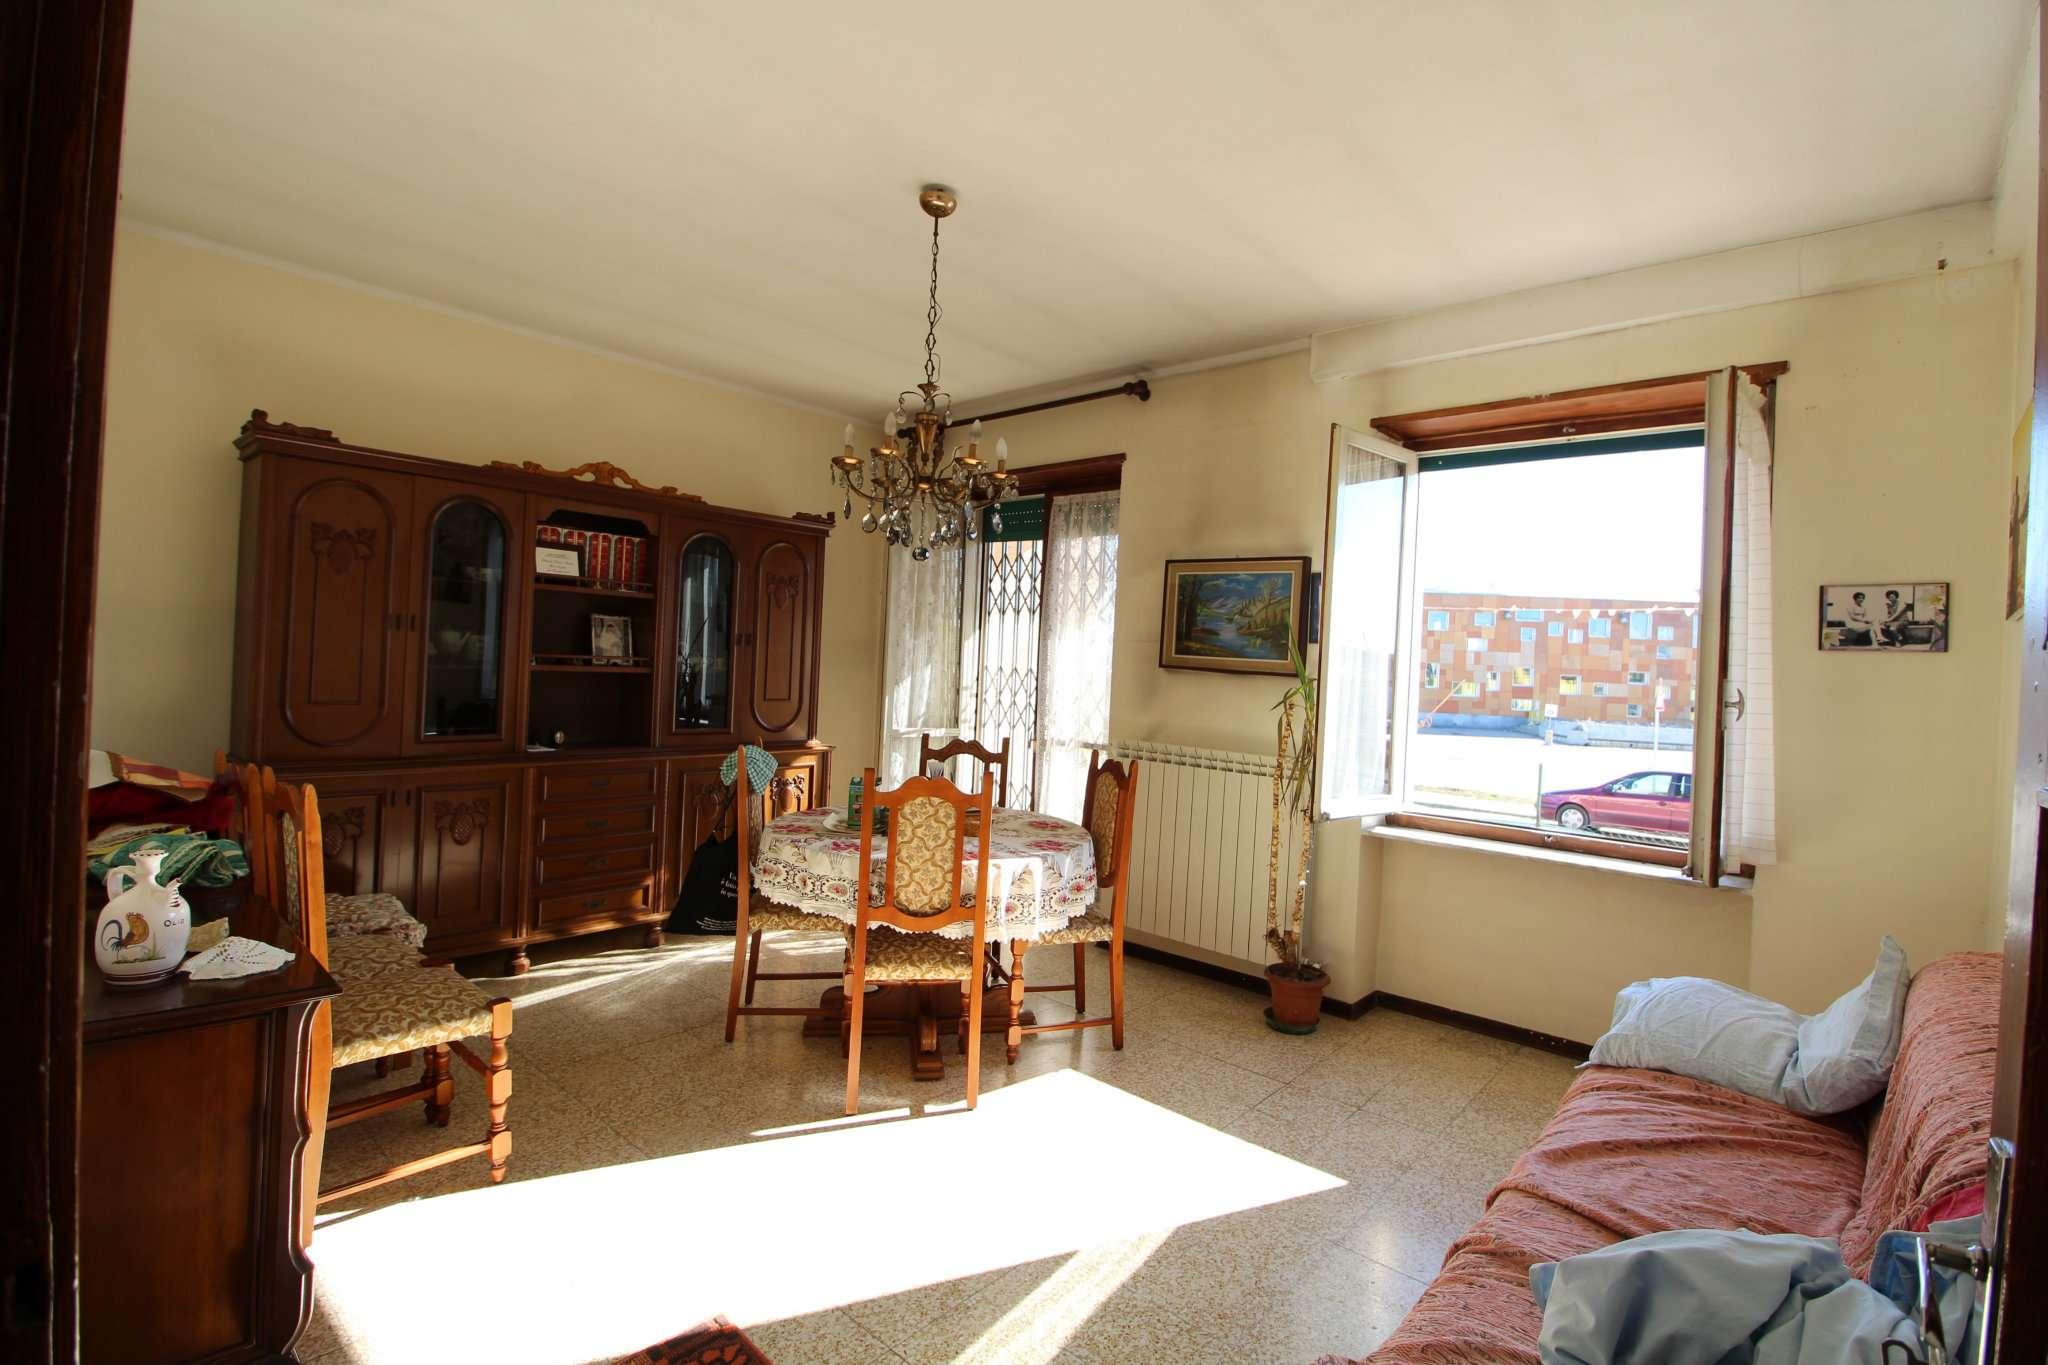 Appartamento in vendita a Piobesi Torinese, 5 locali, prezzo € 110.000 | CambioCasa.it